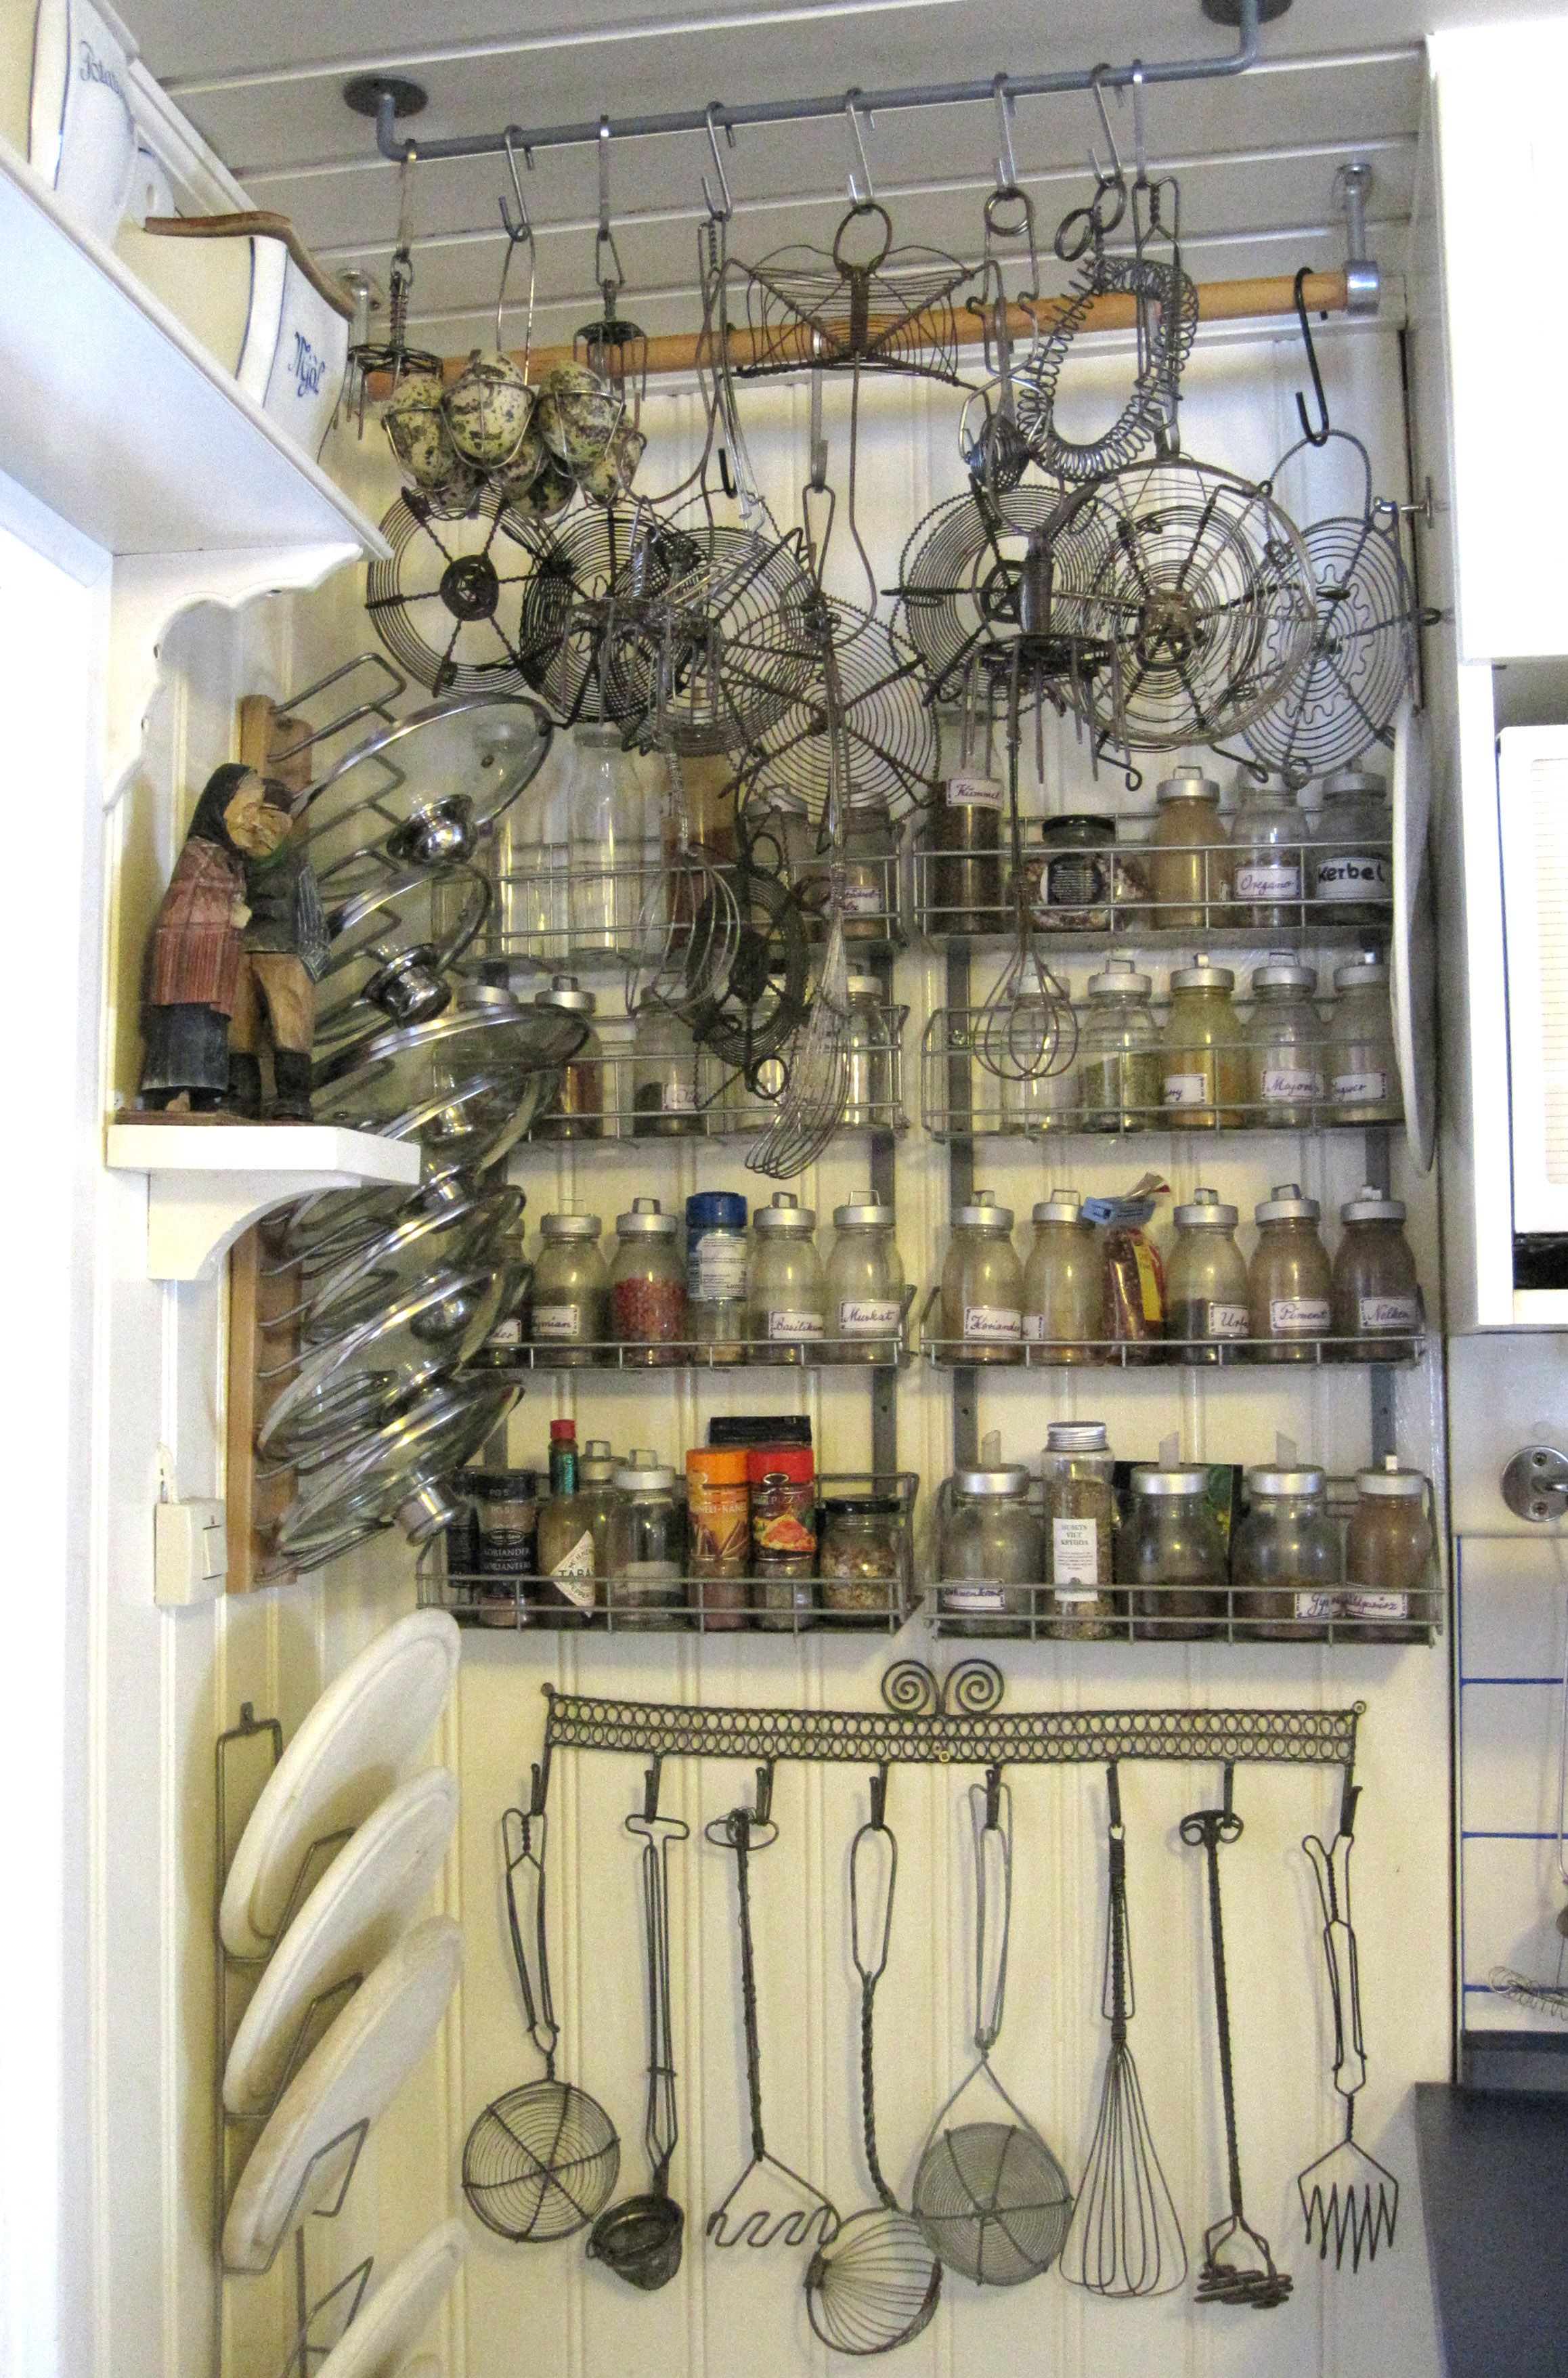 Tolle Antike Küchenzubehör Uk Bilder - Küchenschrank Ideen ...